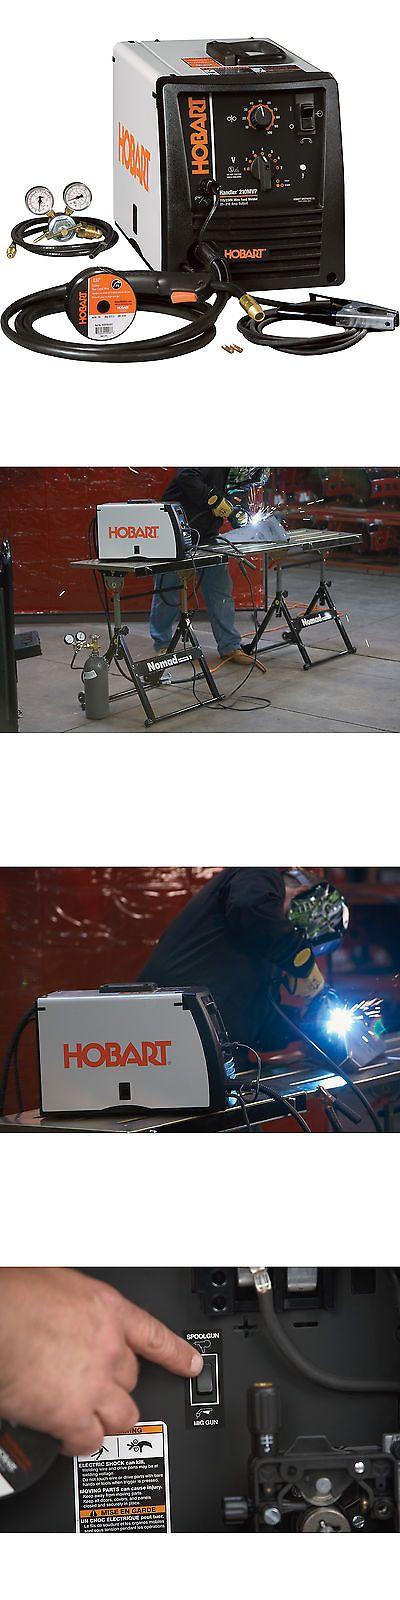 Welding and Soldering Tools 46413: Hobart Handler 210Mvp Wire Feed Mig Welder Model# 500553 -> BUY IT NOW ONLY: $849.99 on eBay!